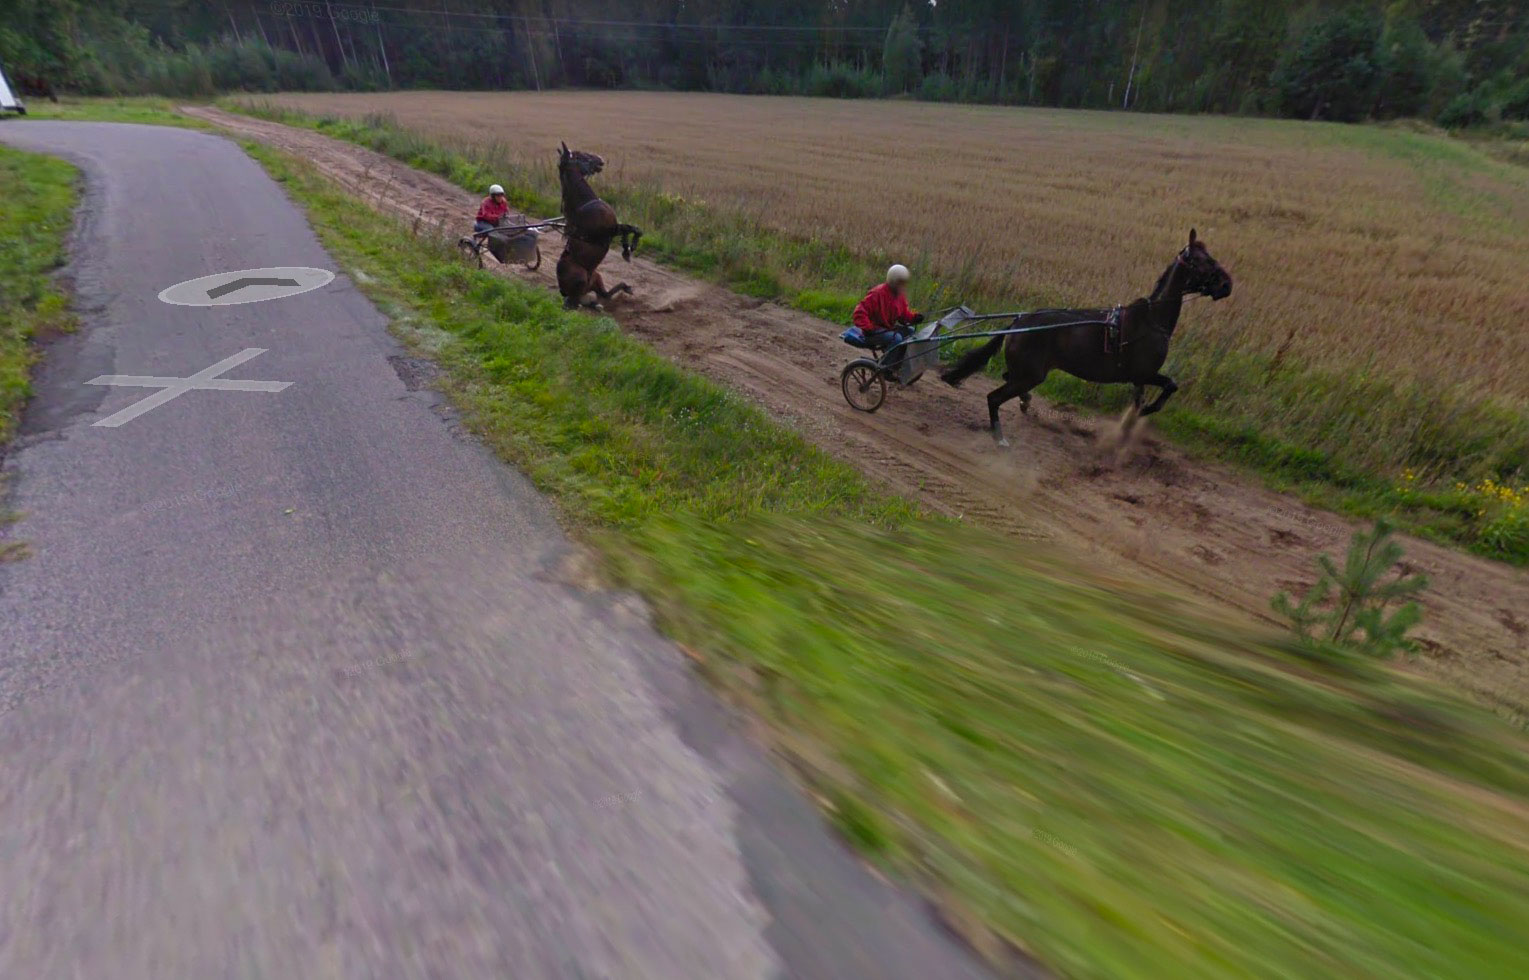 Voici ce qui semble être la première course hippique capturée par les caméras de Google Maps